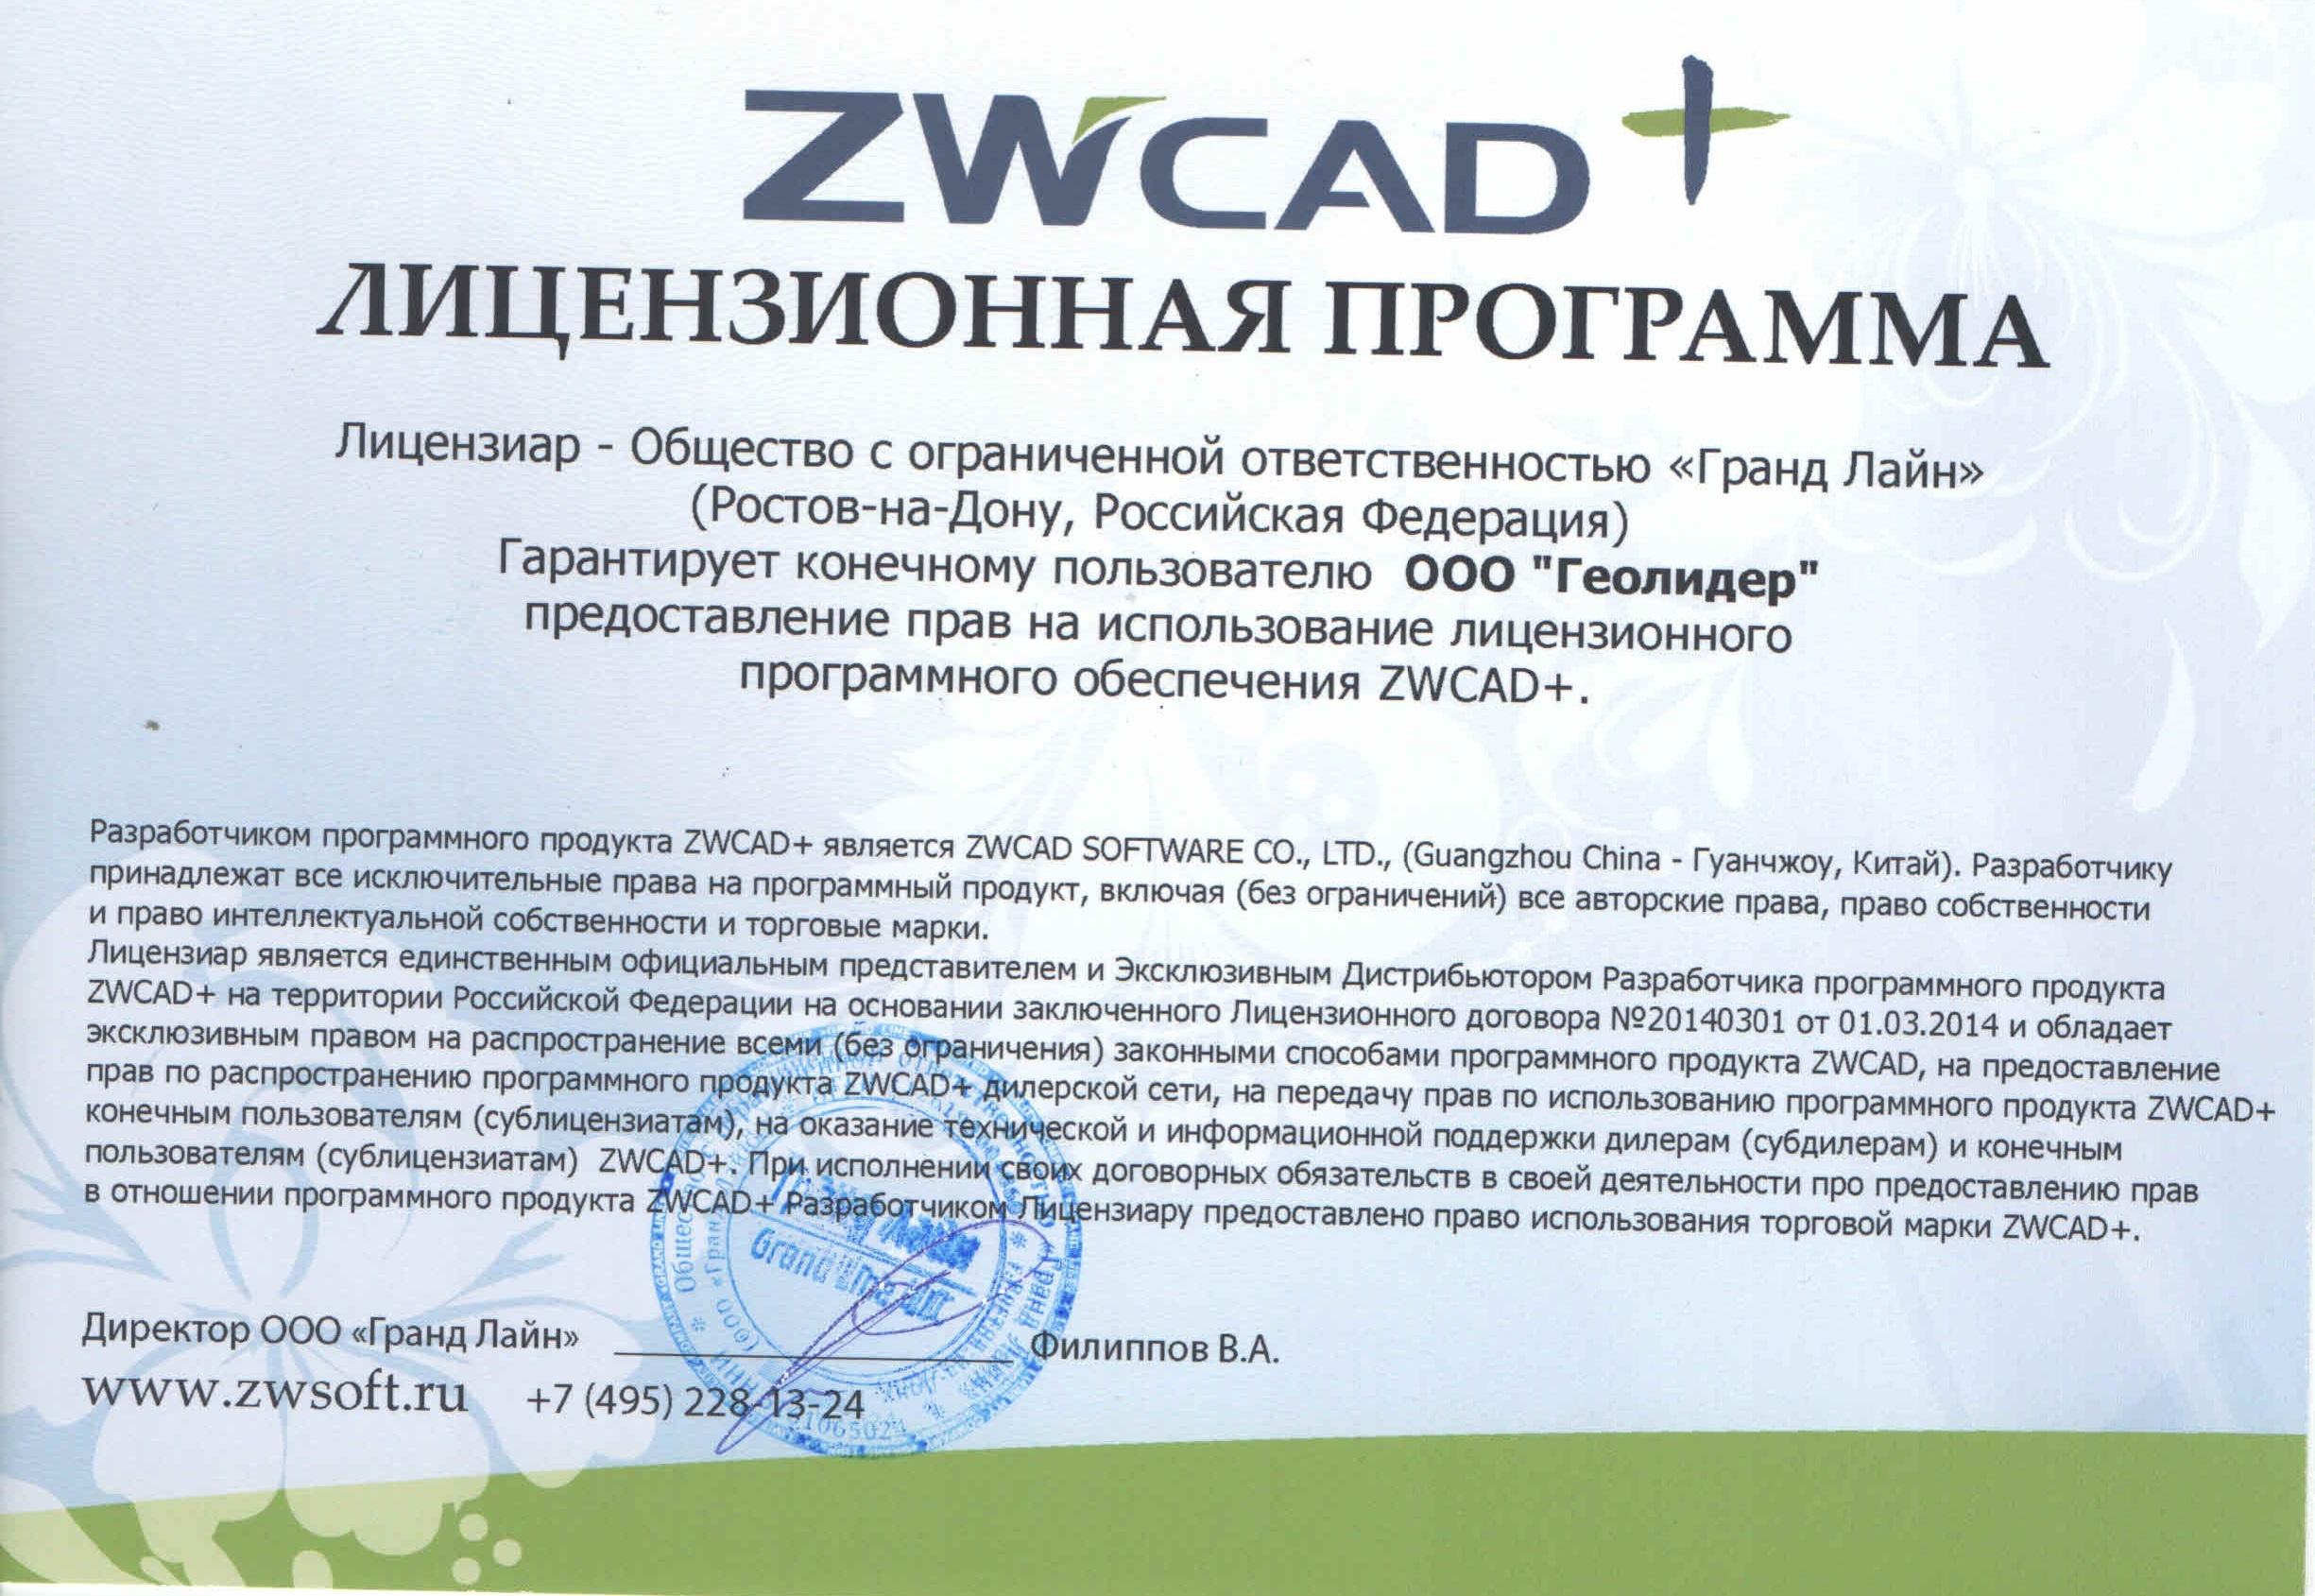 лицензия ZWCAD-001